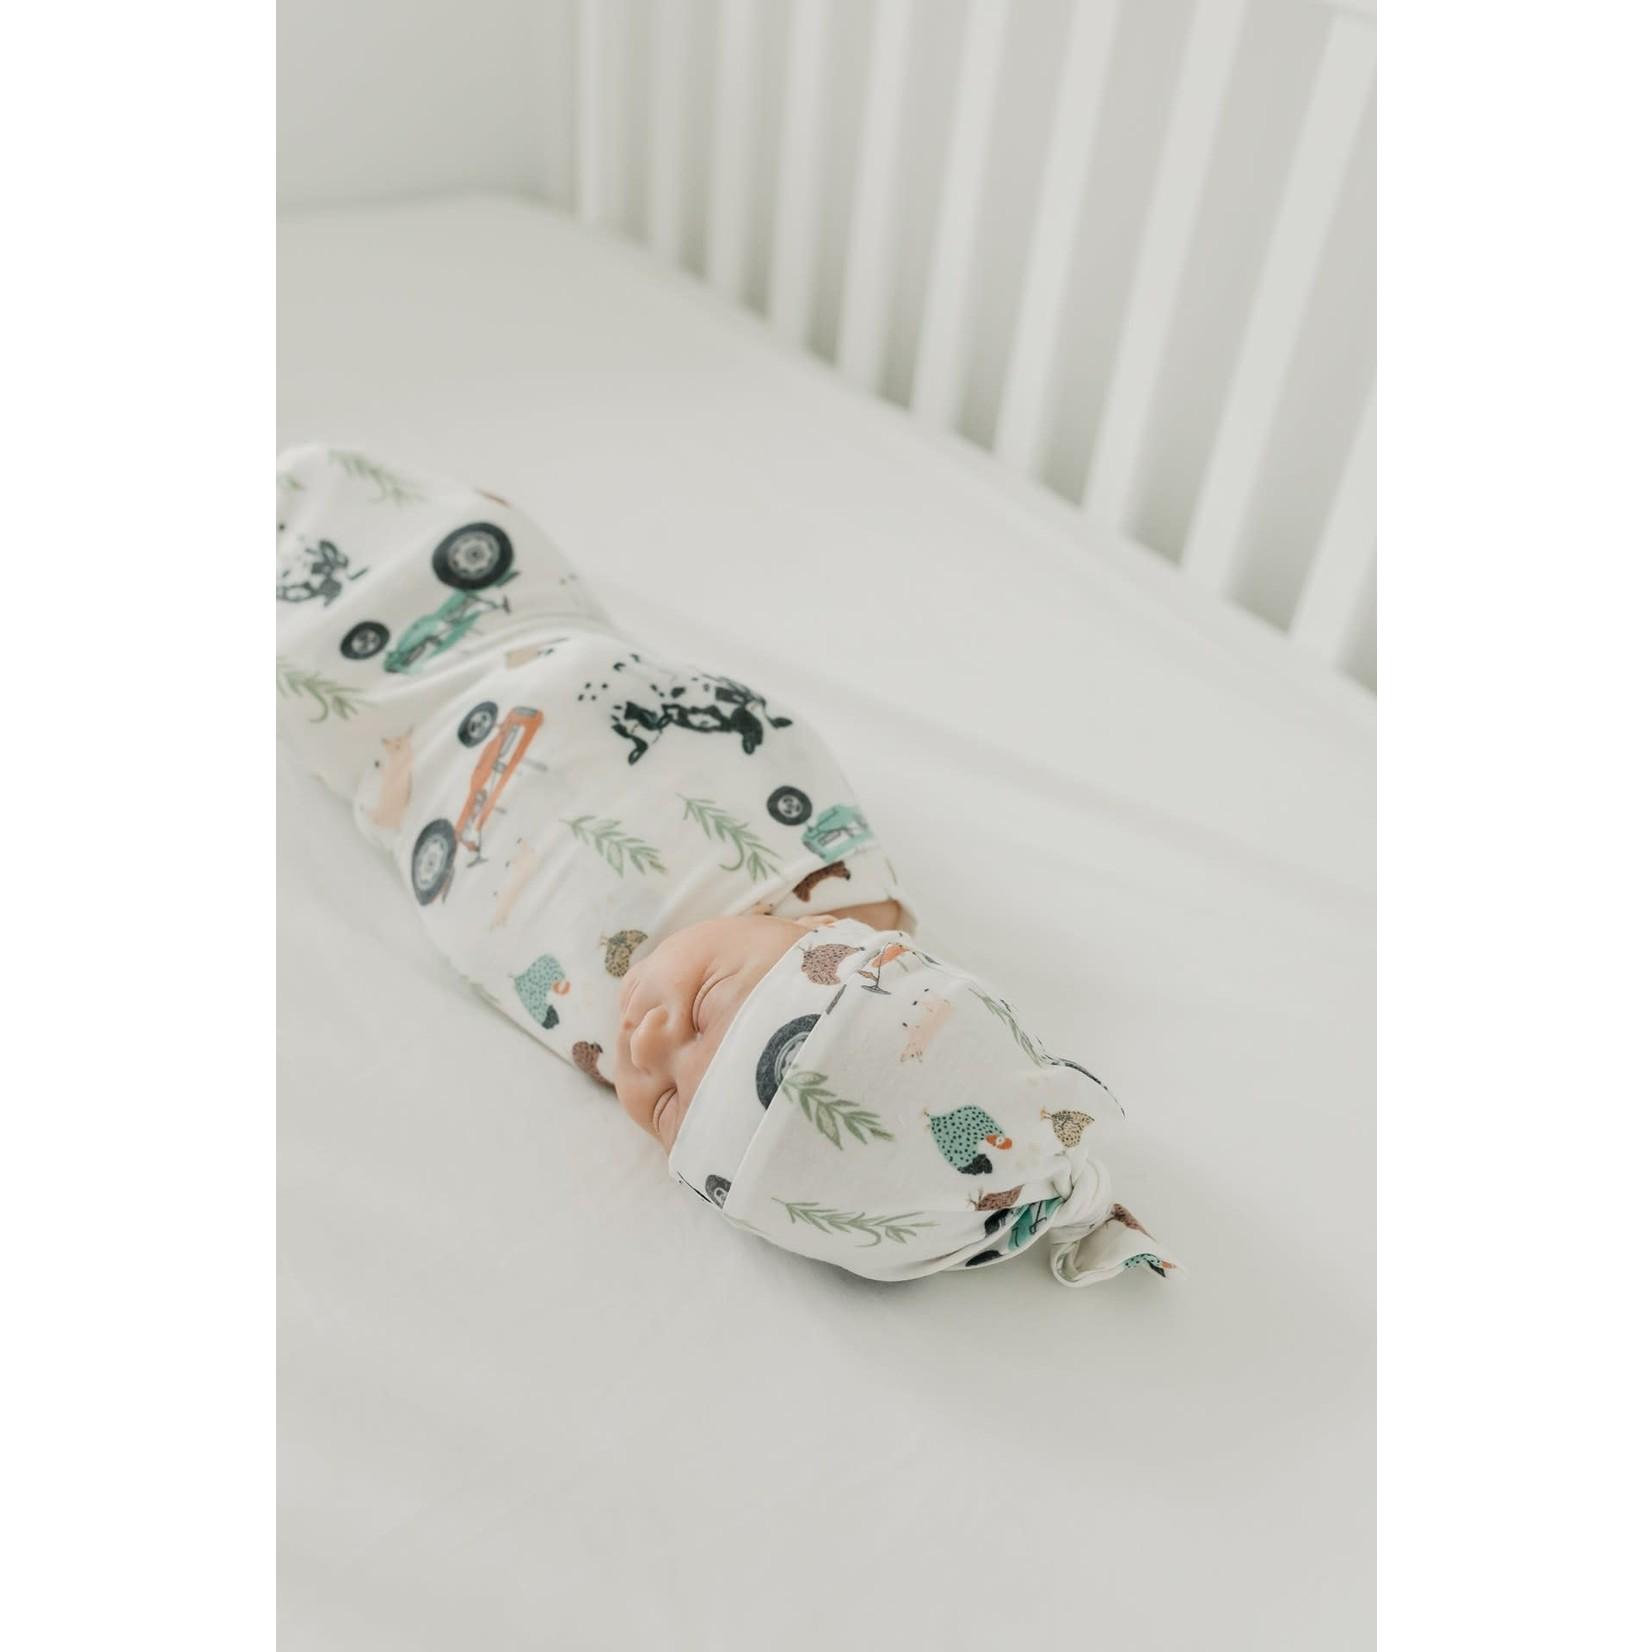 Copper Pearl Knit Blanket - Jo Farm